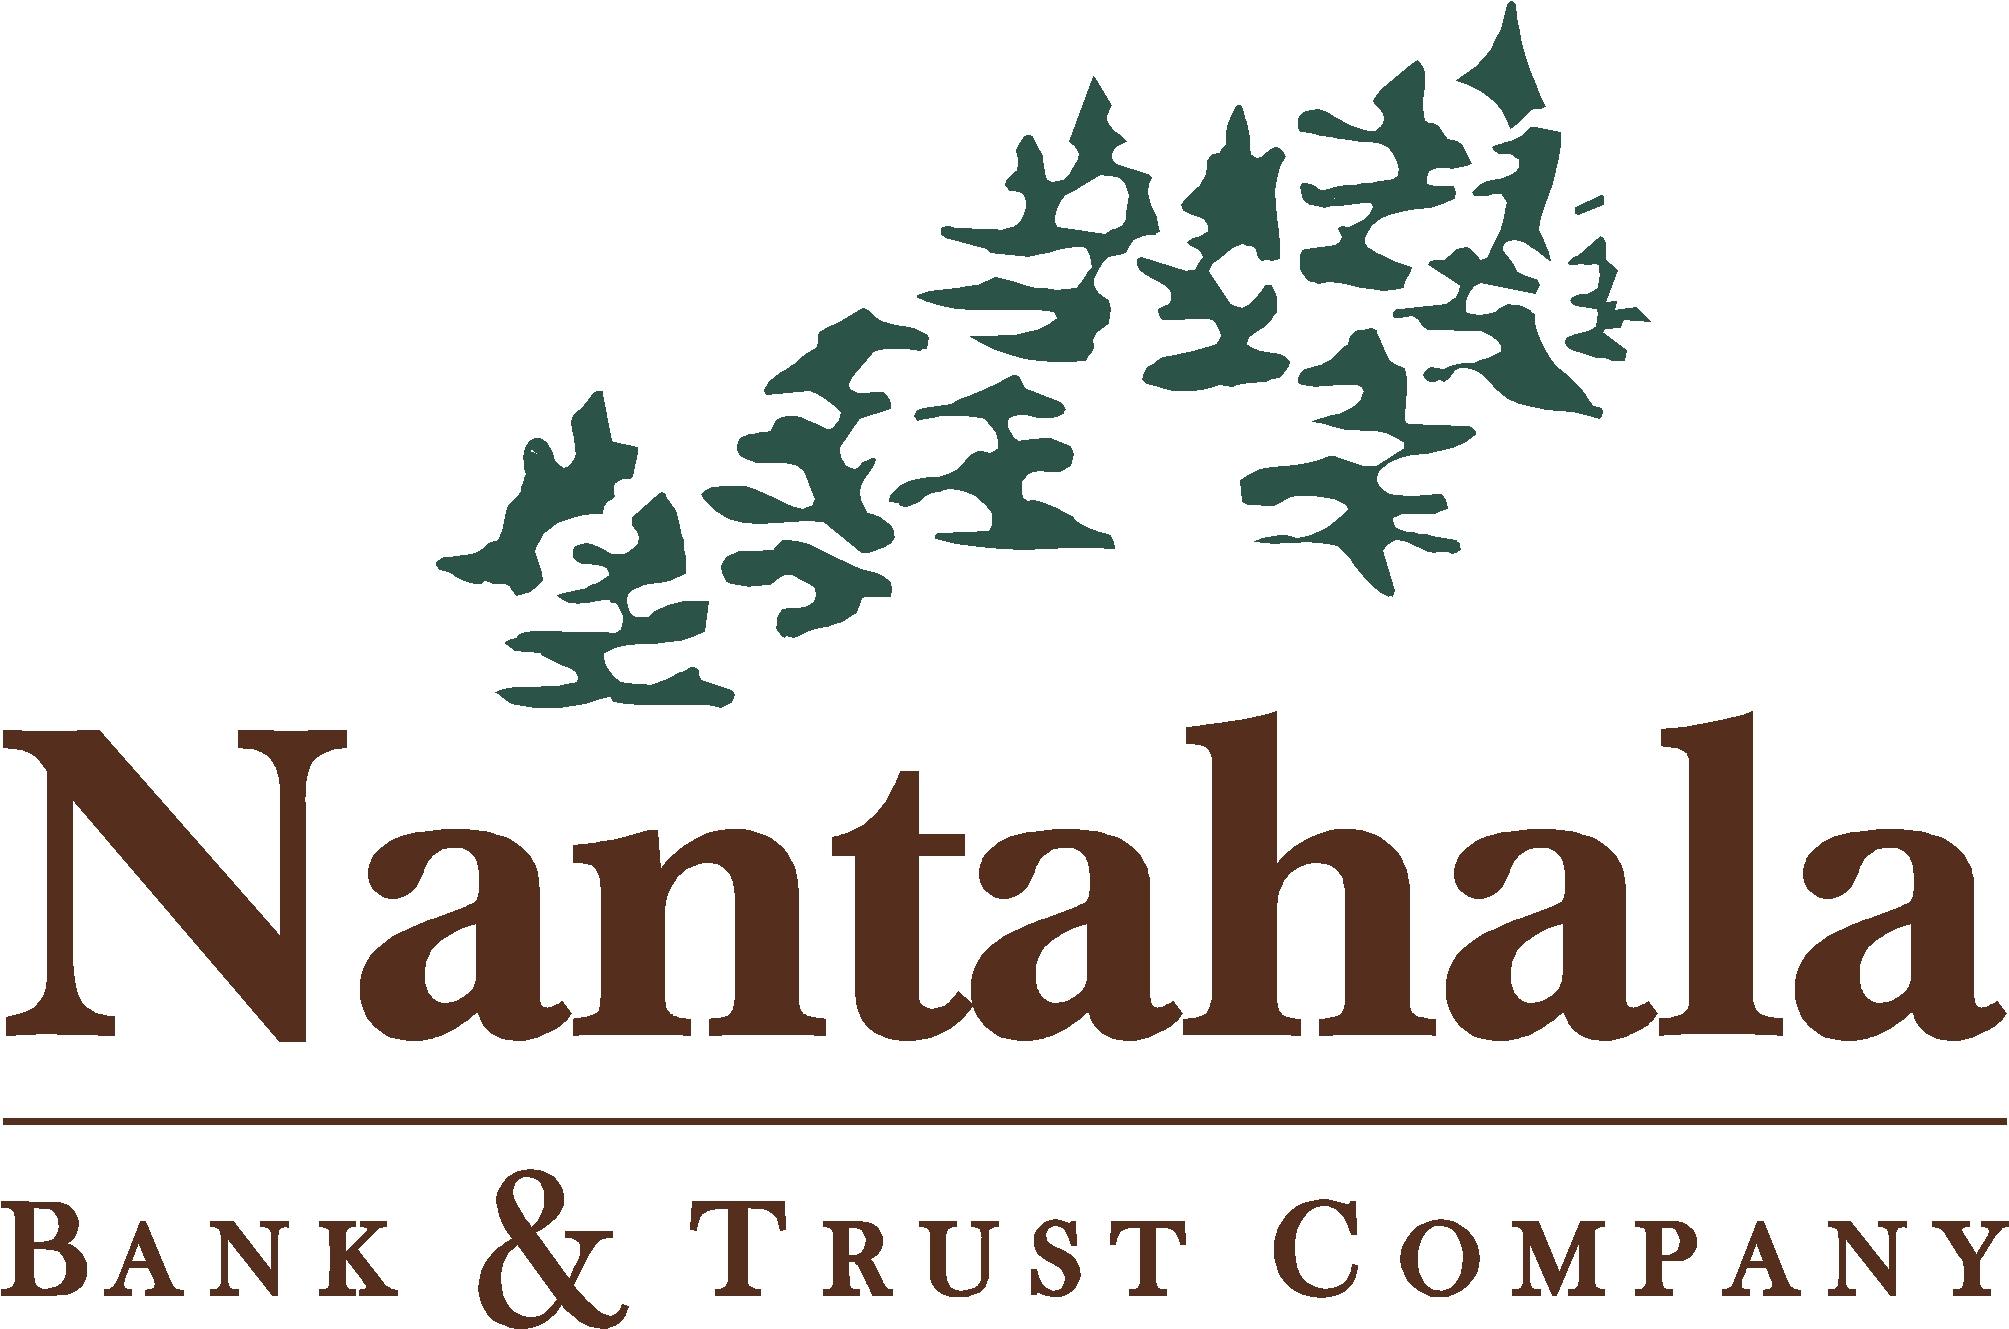 Nantahala Bank & Trust Co., Murphy, NC